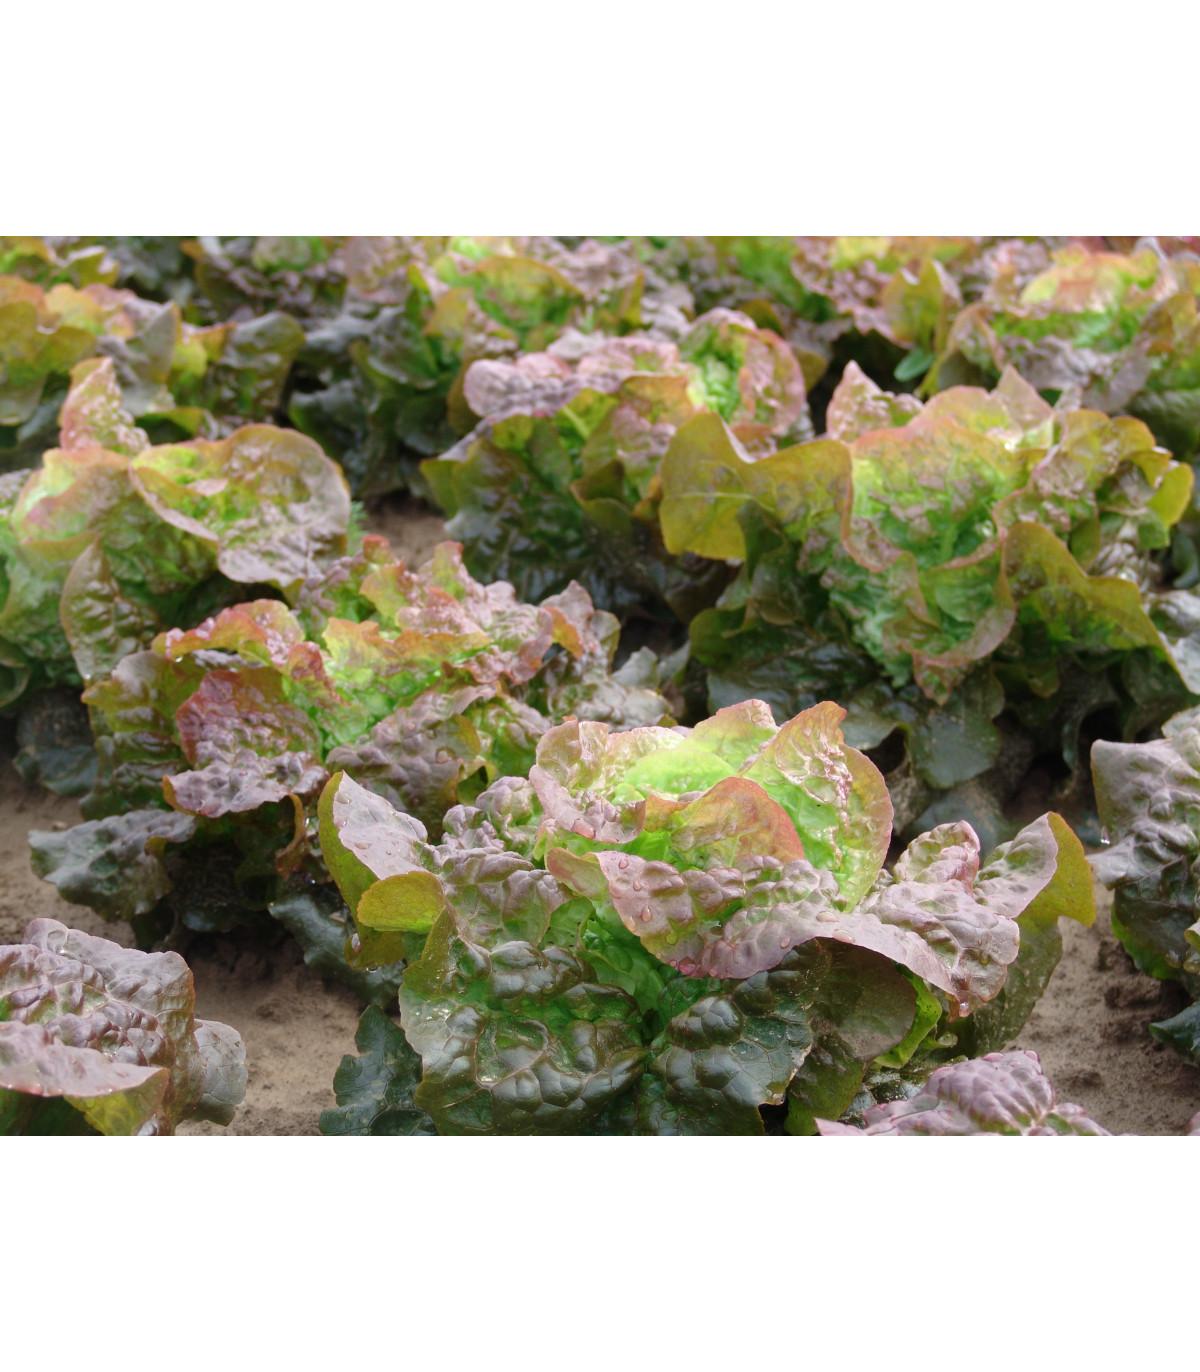 Šalát hlávkový červený Rosemarry - Lacrusa sativa - semená - 200 ks